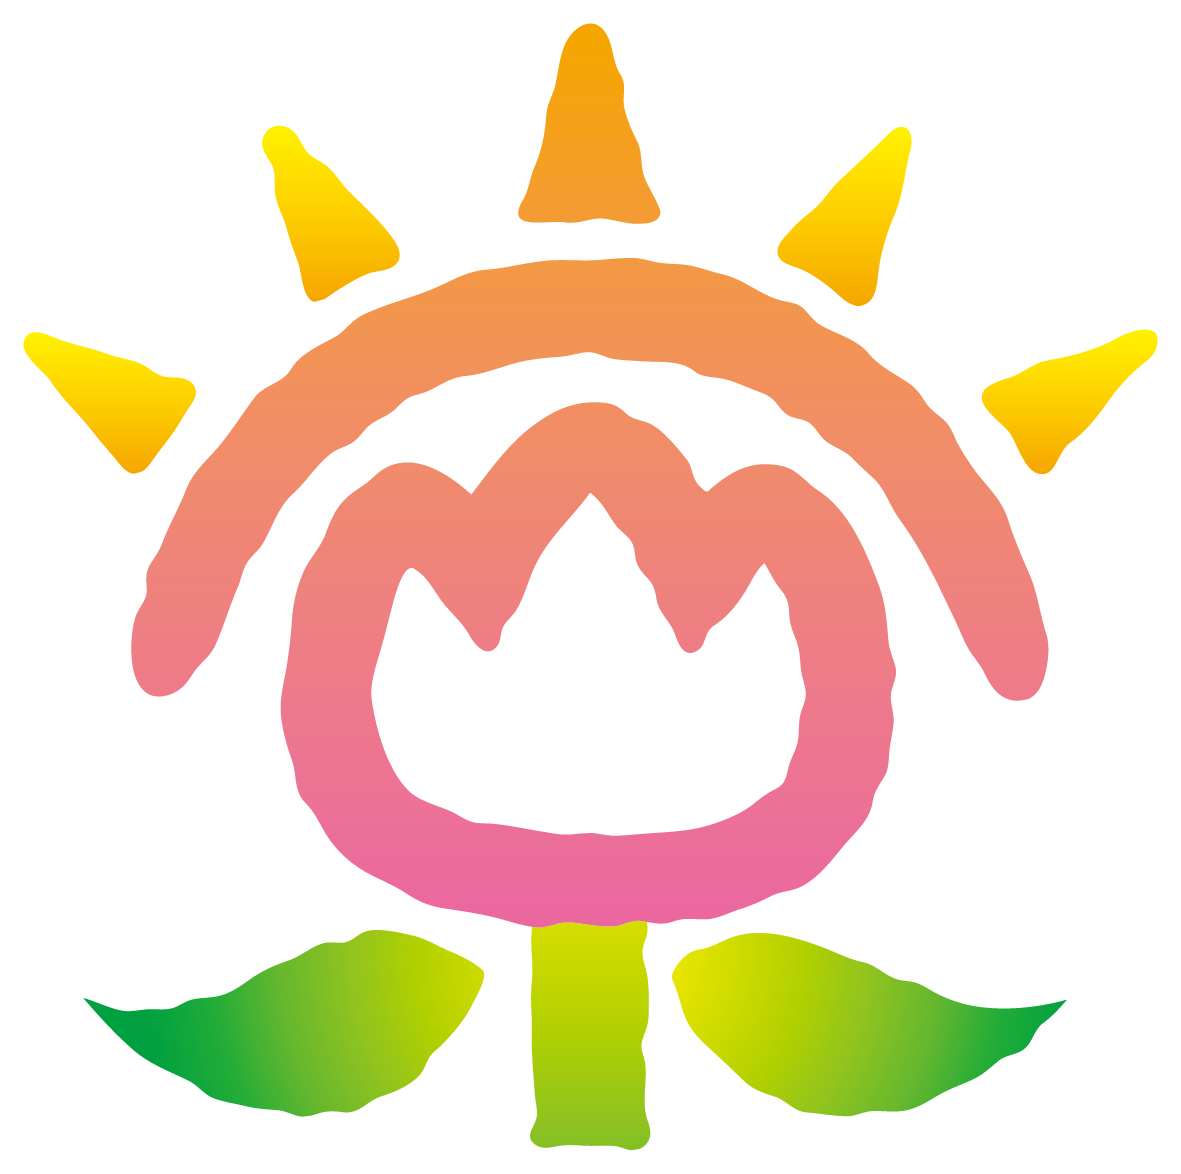 介護/福祉と親しみ/優しいとピンクのロゴ